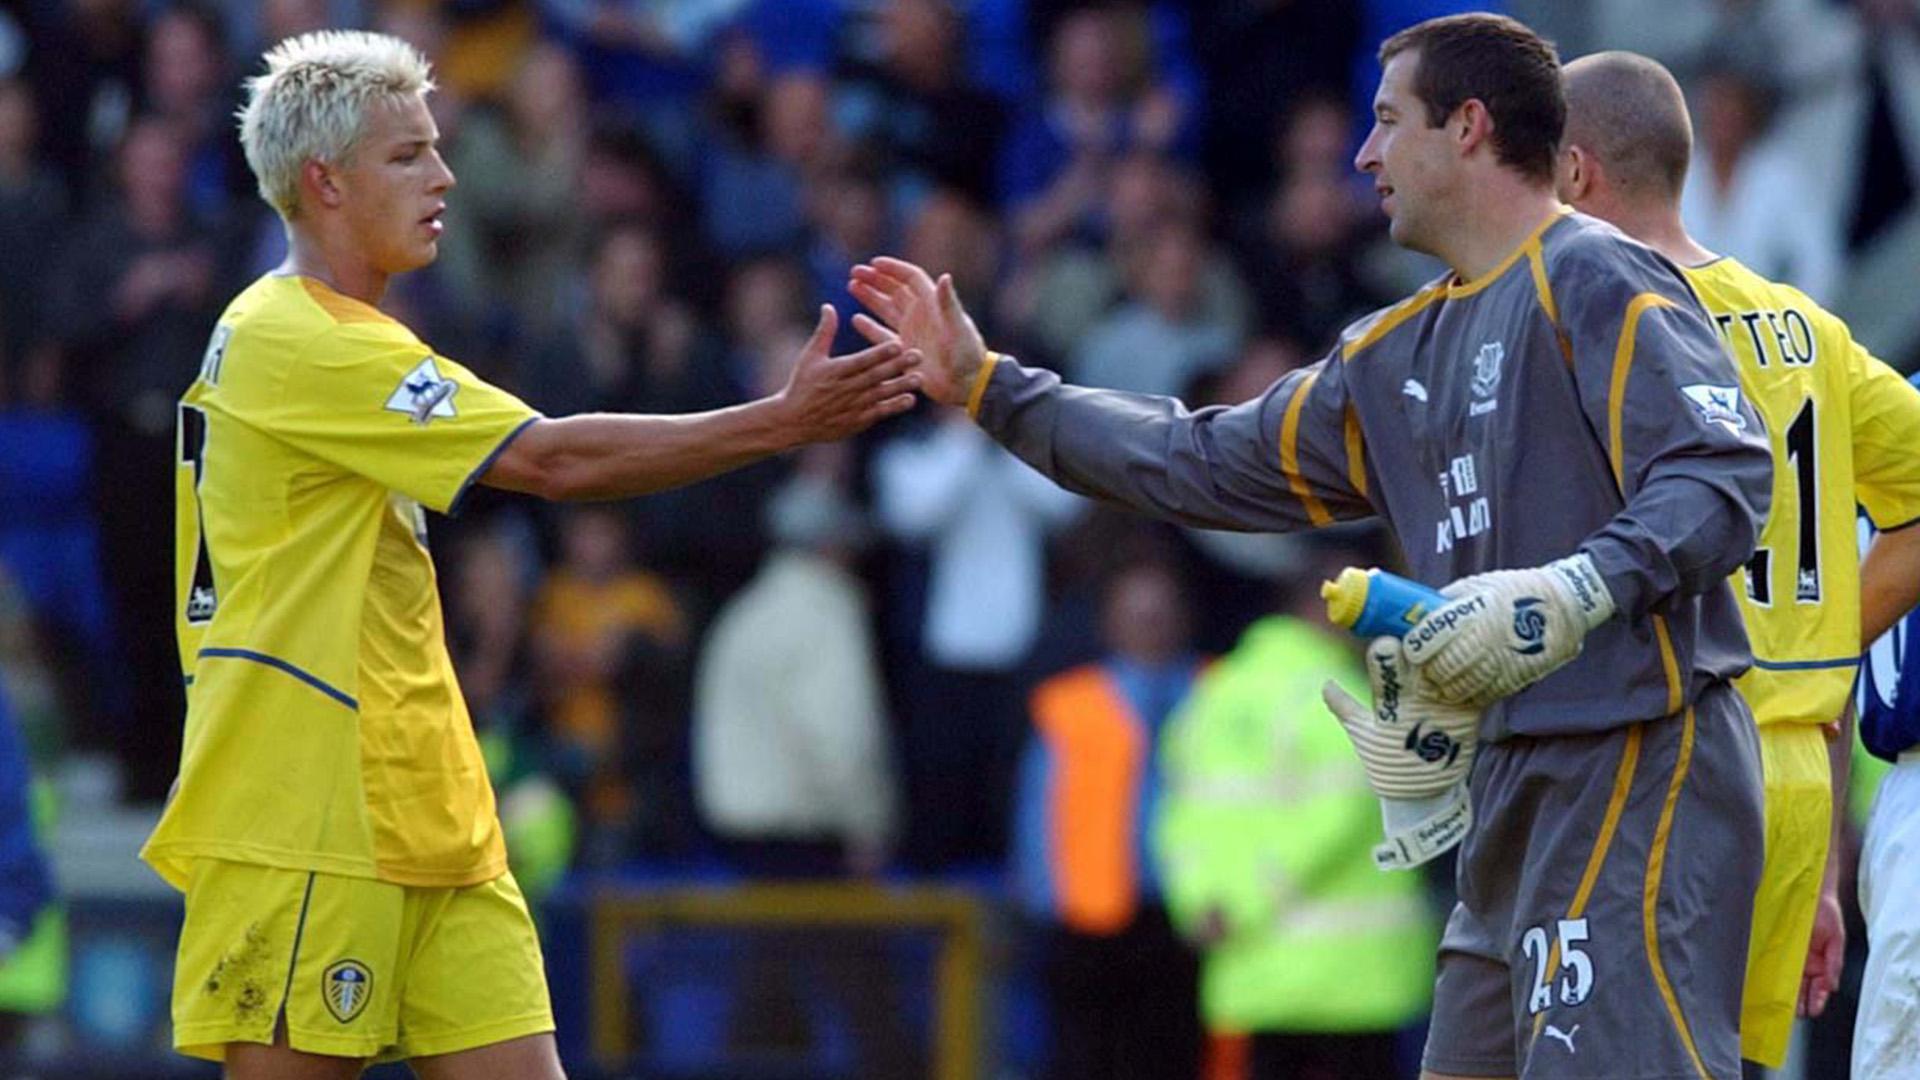 Alan Smith & Nigel Martyn